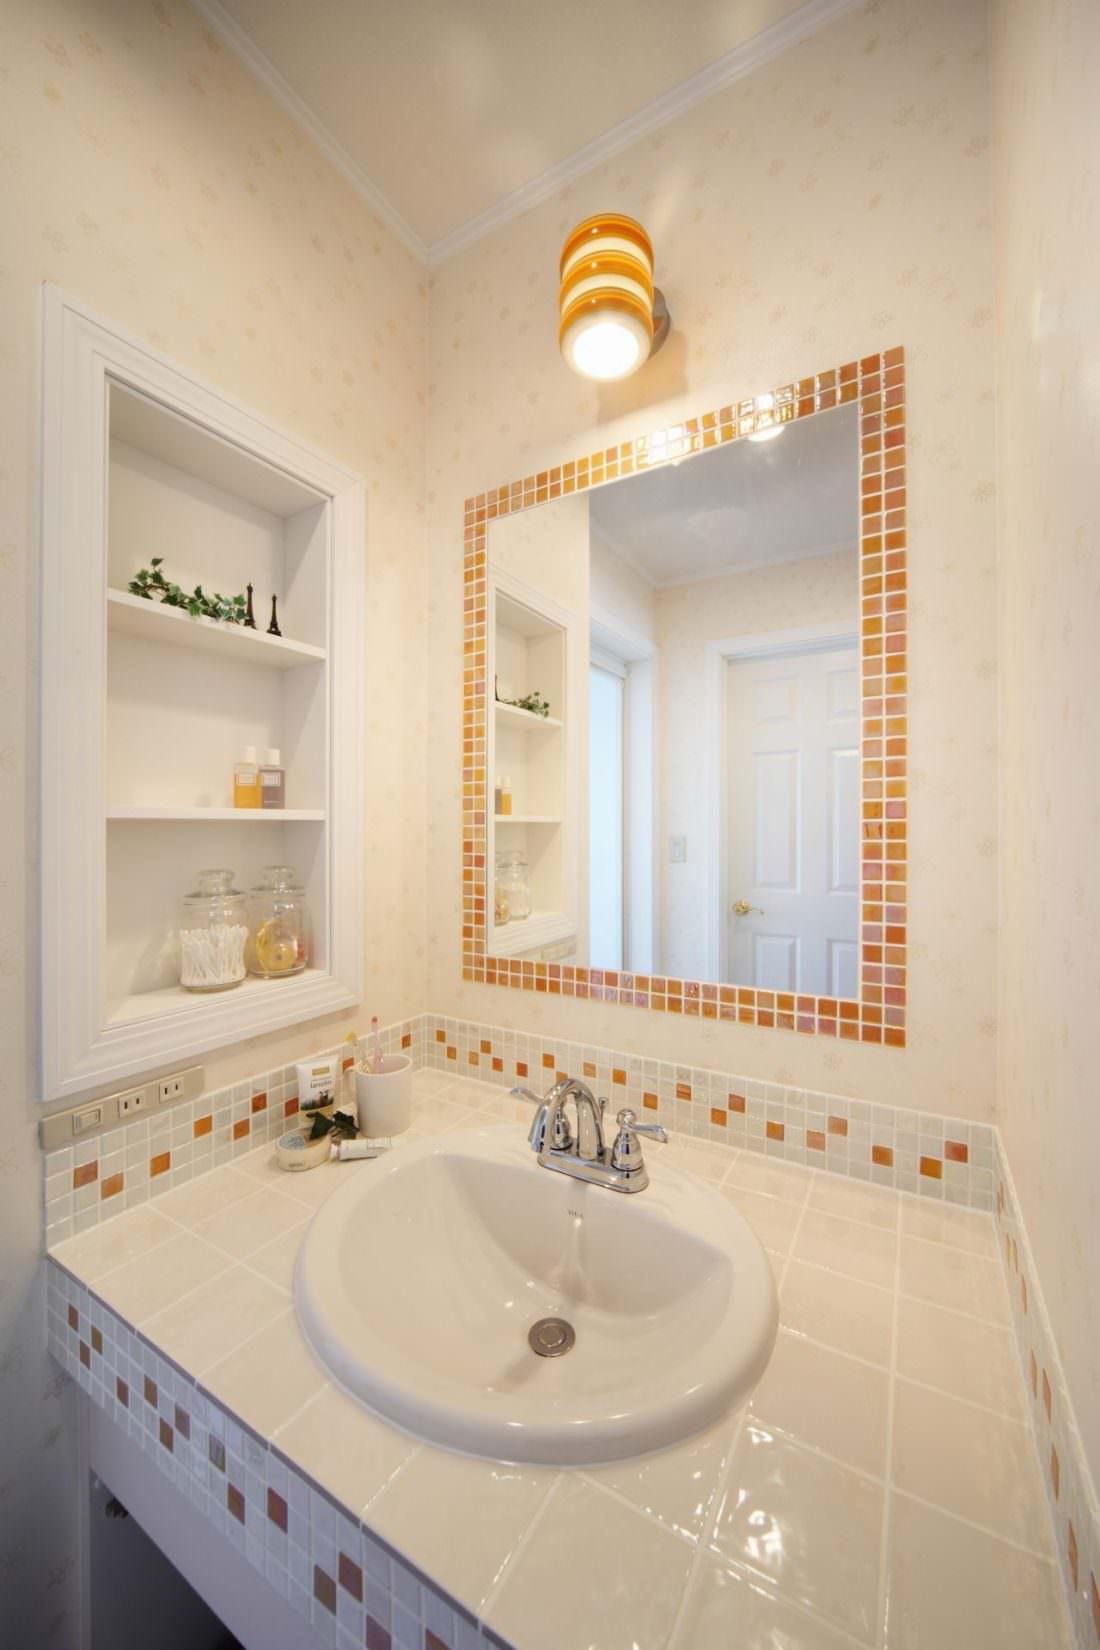 洗面台のミラーにオレンジのモザイクタイルをあしらって